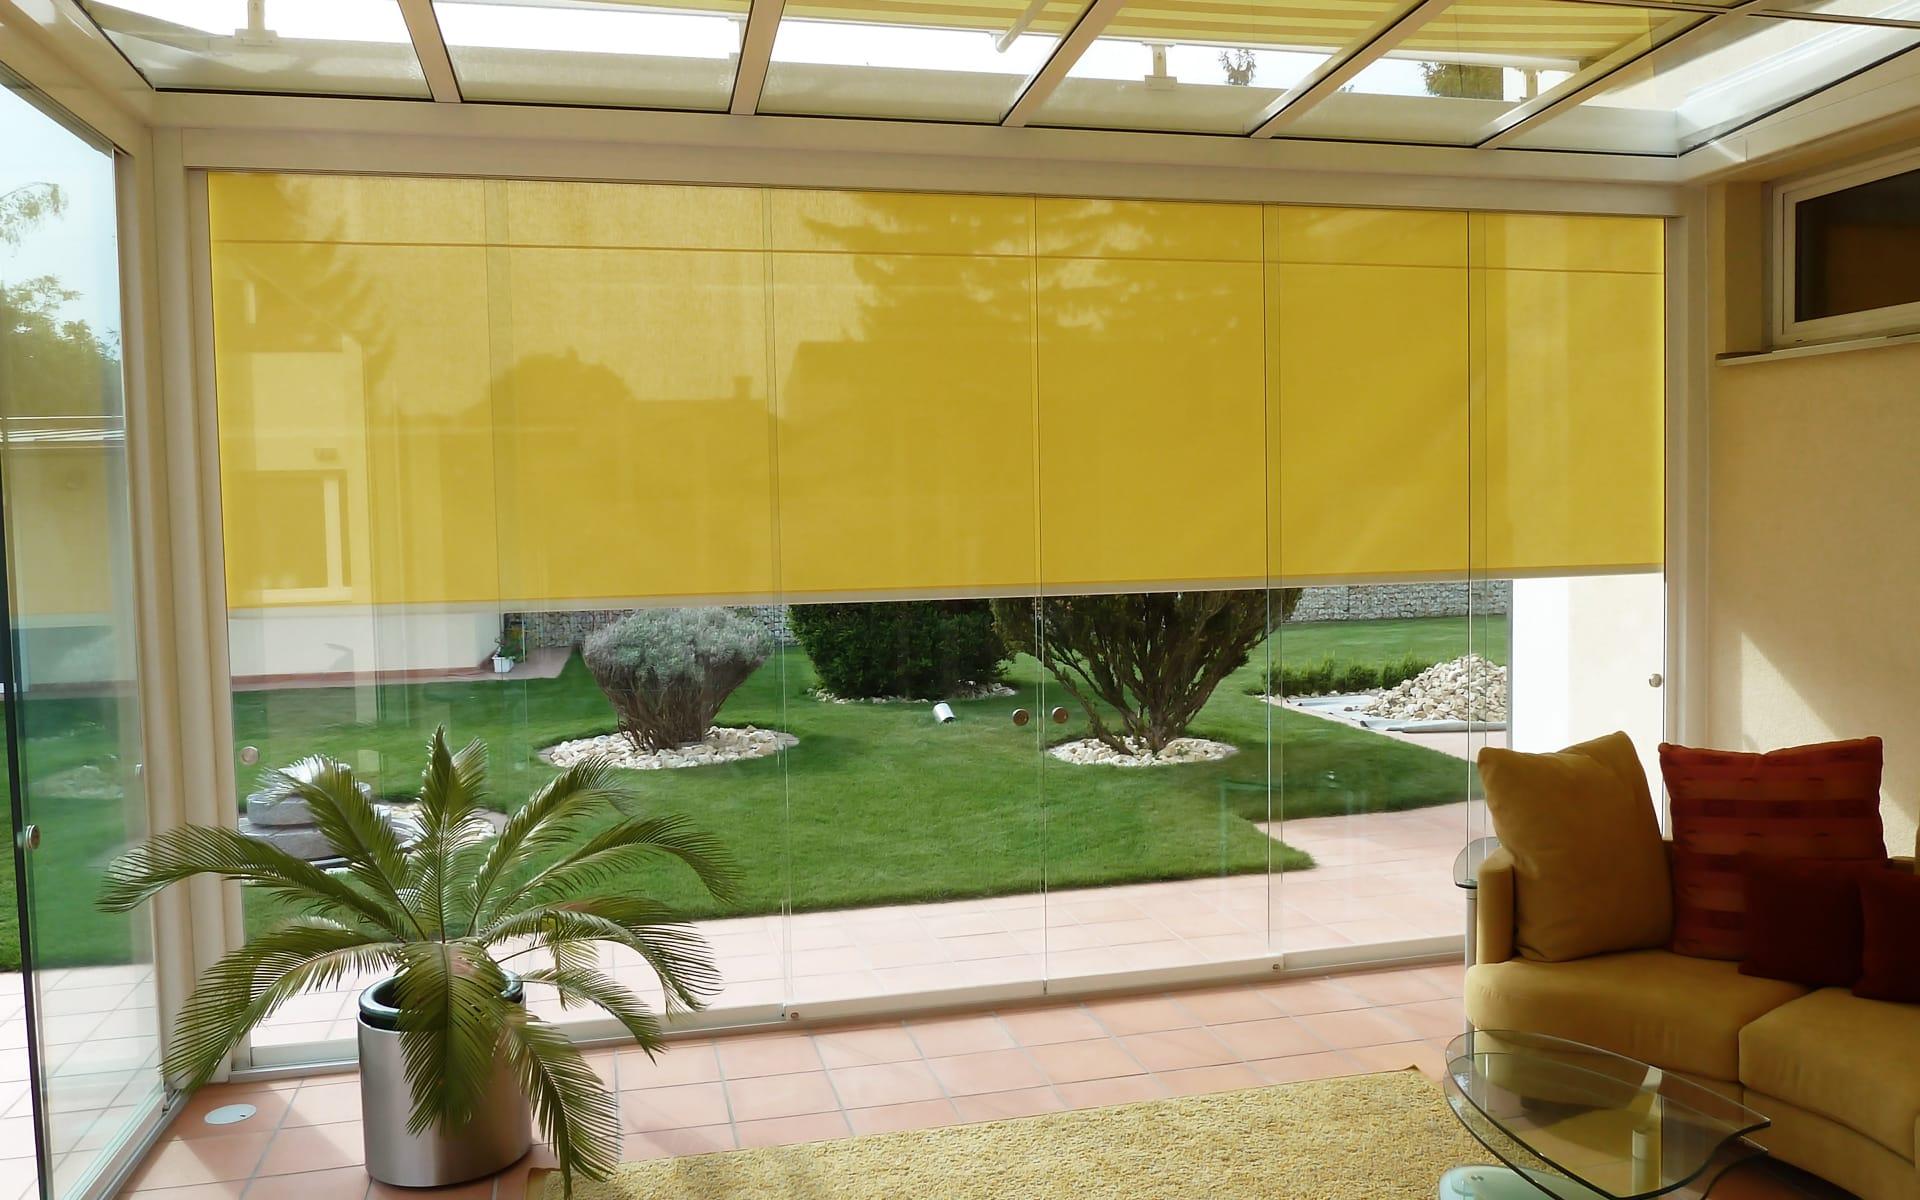 Sonnenschutz von der Michael Sommer GmbH